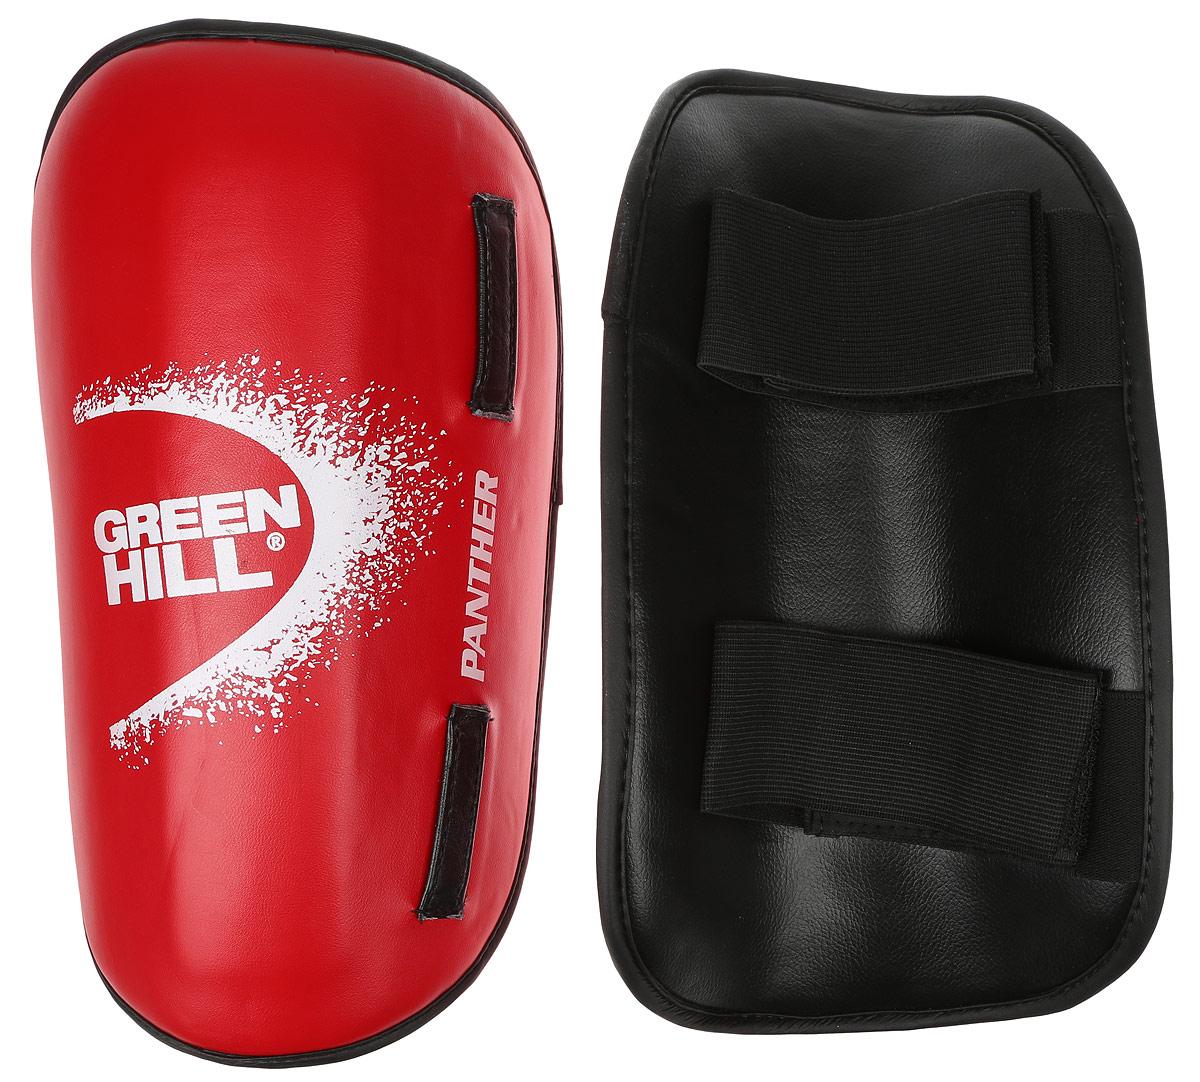 Защита голени Green Hill Panther, цвет: красный, белый. Размер S. SPP-2124SPP-2124Защита голени Green Hill Panther с наполнителем, выполненным из вспененного полимера, необходима при занятиях спортом для защиты суставов от вывихов, ушибов и прочих повреждений. Накладки выполнены из высококачественной искусственной кожи. Закрепляются на ноге при помощи эластичных лент и липучек. Длина голени: 30 см. Ширина голени: 15 см.